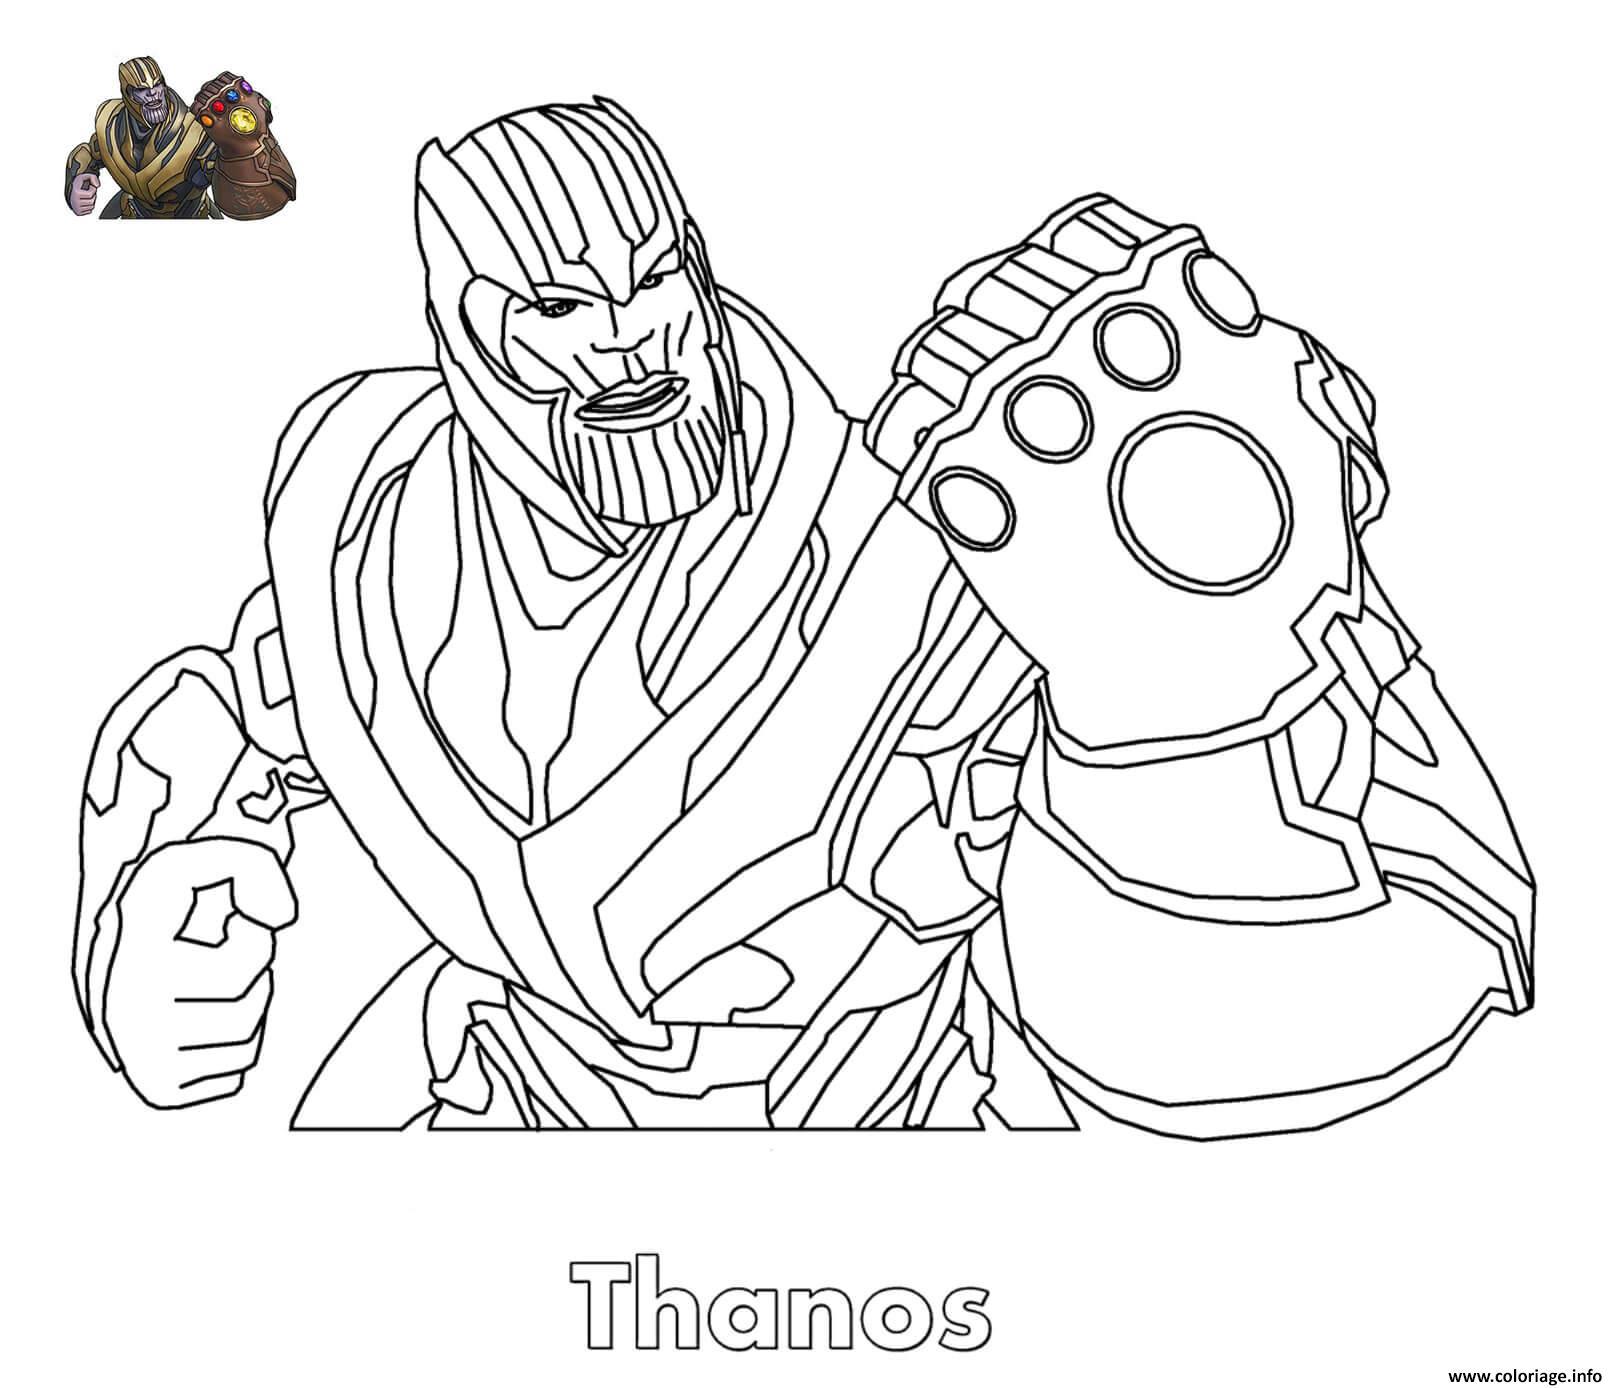 Coloriage Thanos Fortnite dessin